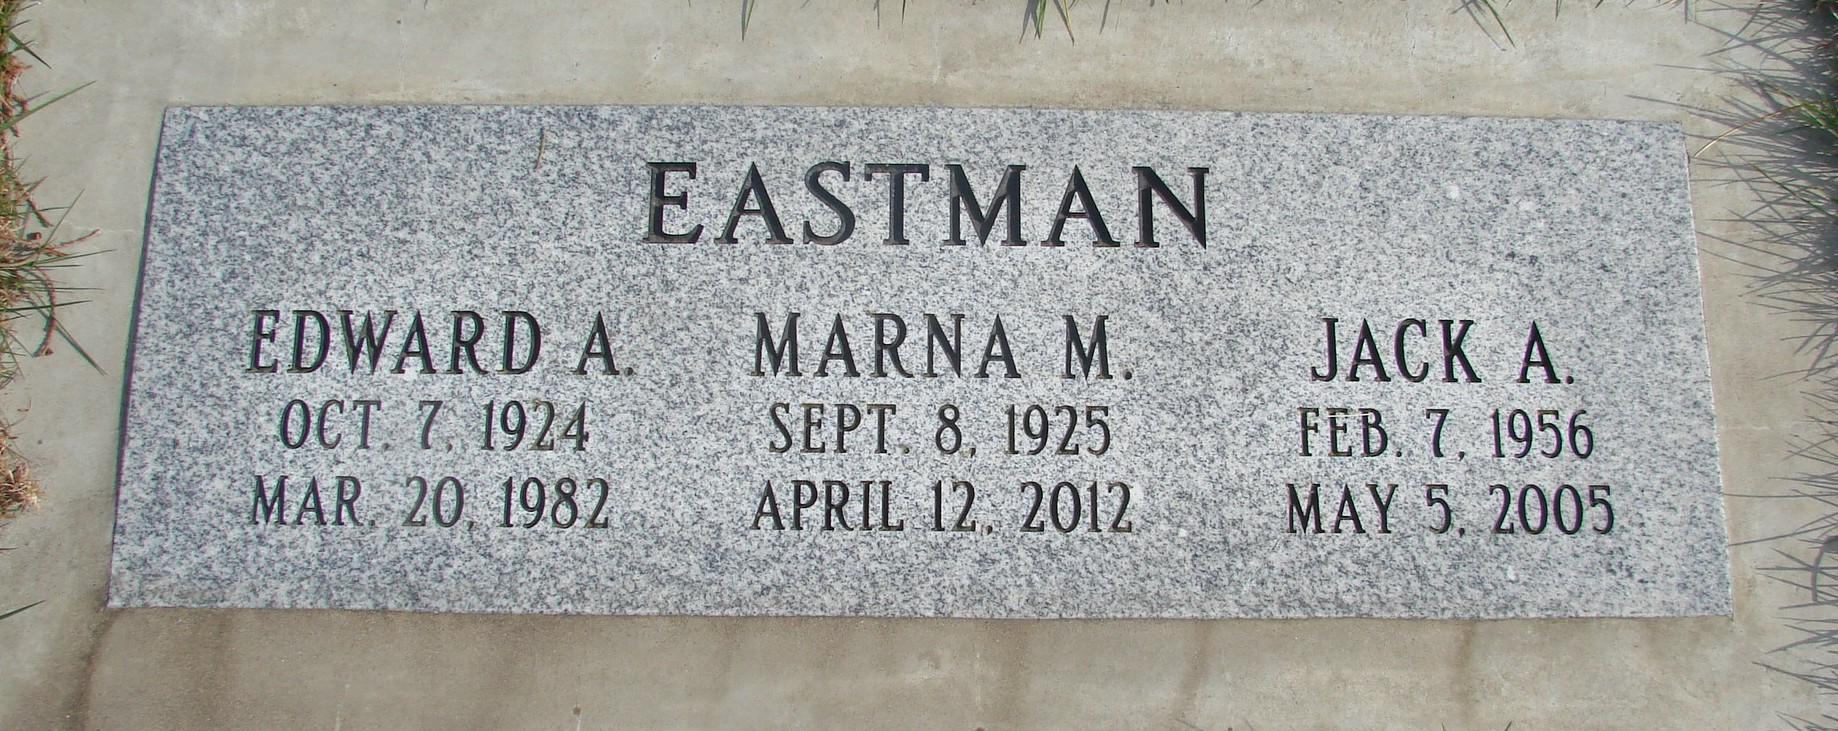 Edward A. Eastman